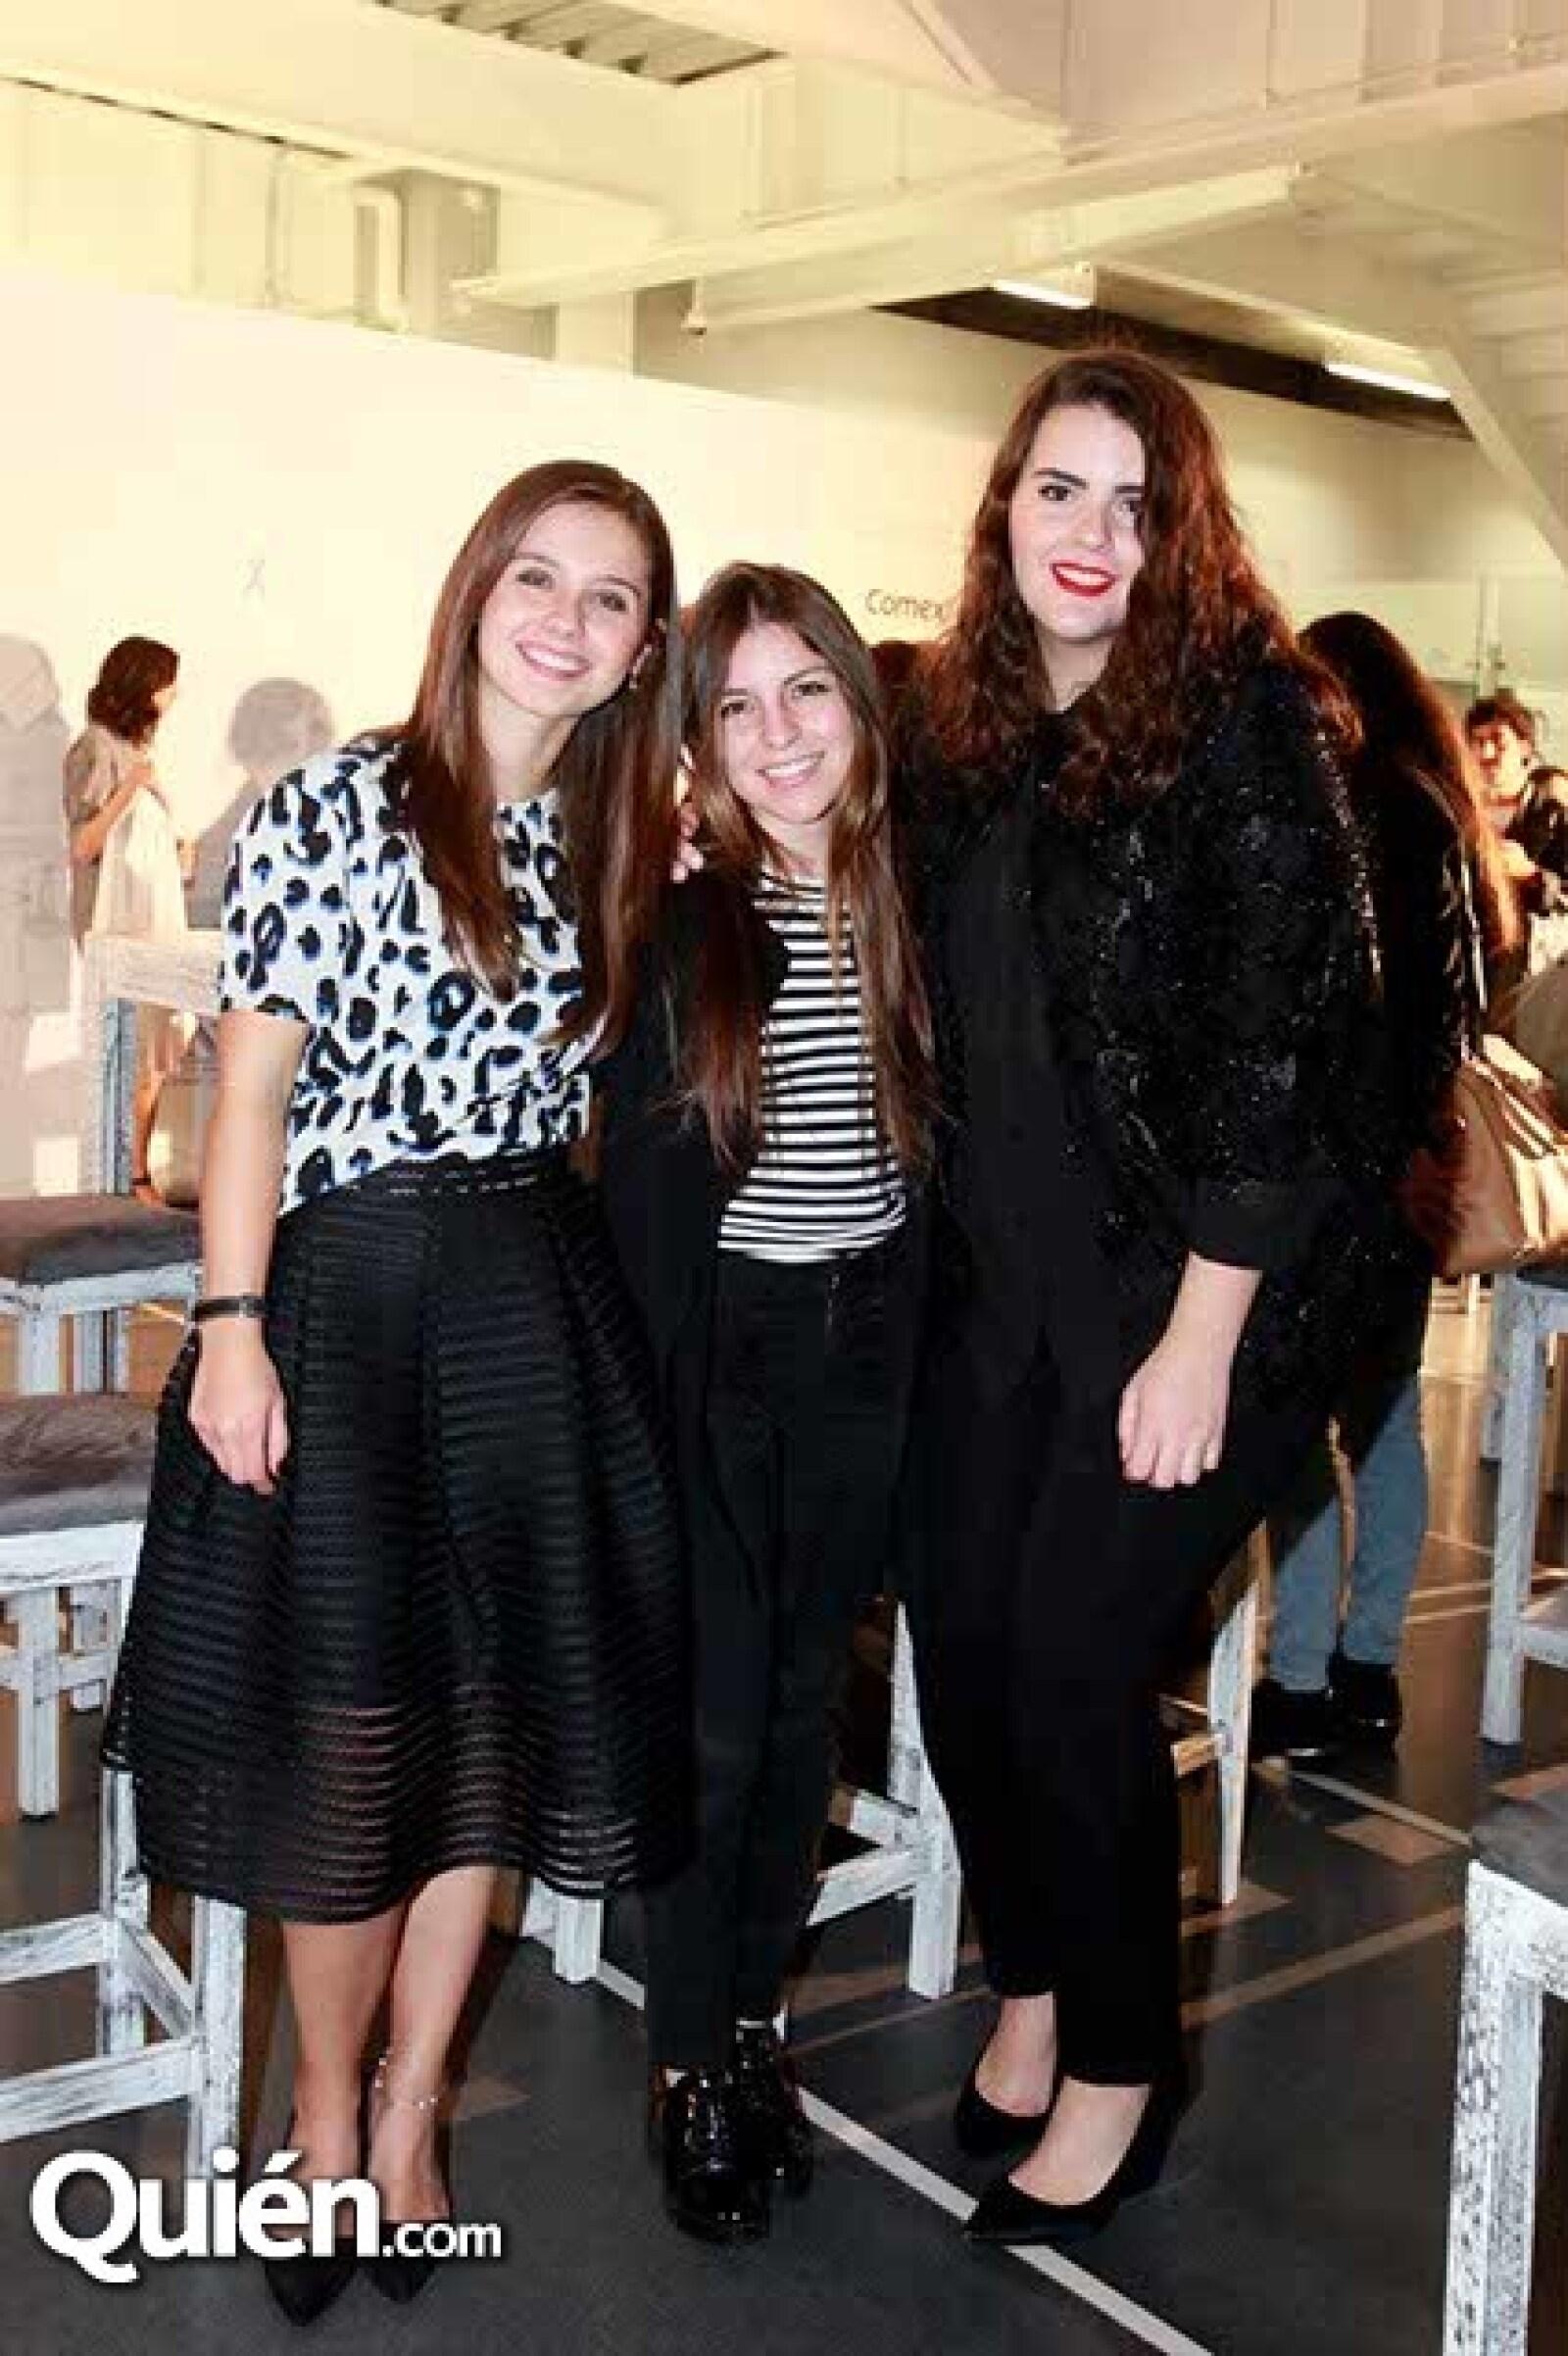 Nieves Galindo,Mónica Pino y Cecilia Amigo